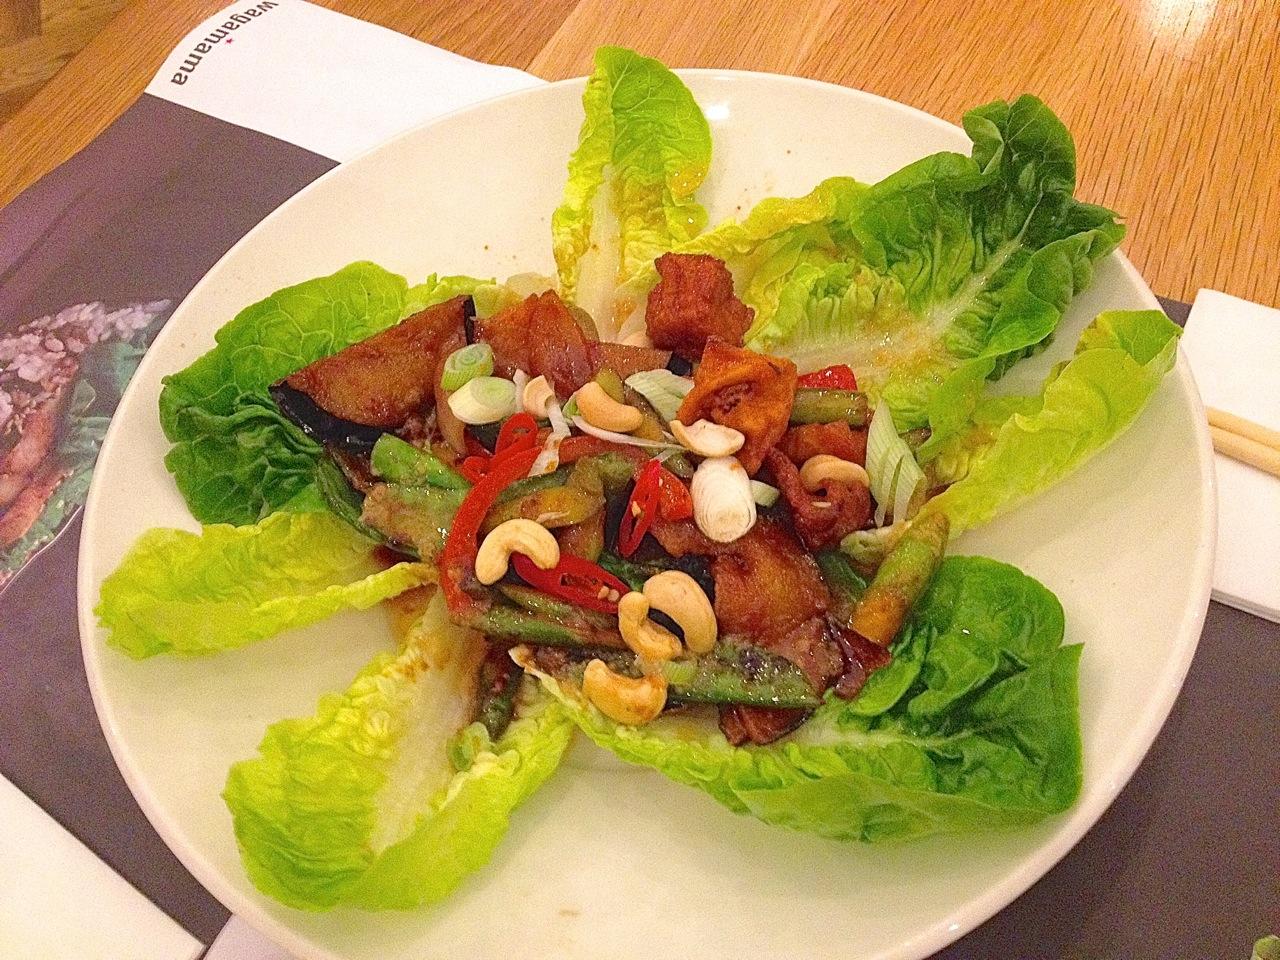 http://i2.wp.com/fatgayvegan.com/wp-content/uploads/2014/11/tofu-salad.jpg?fit=1280%2C960